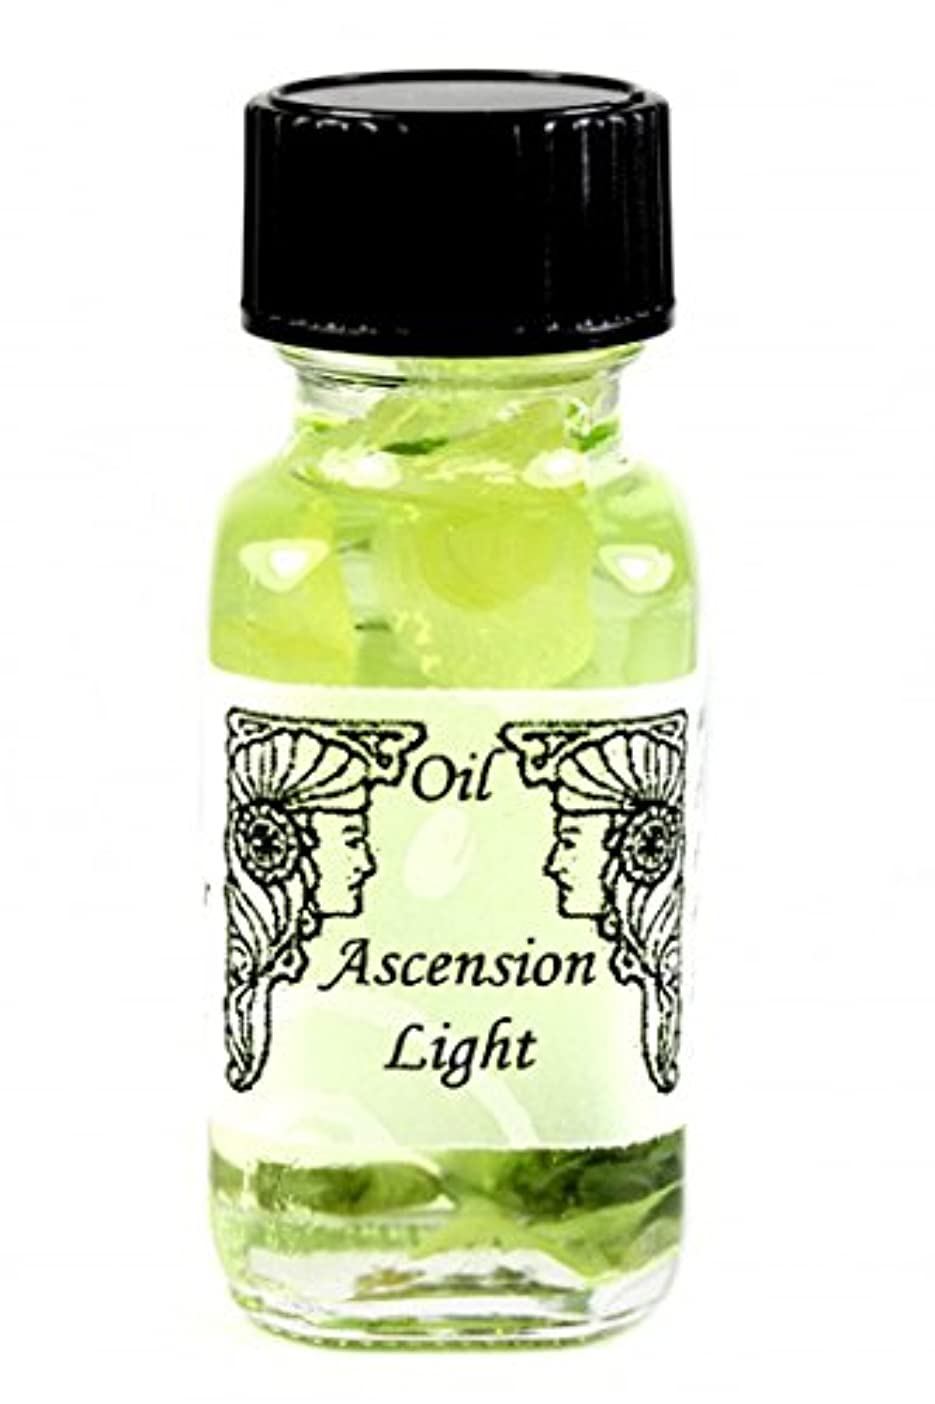 アンシェントメモリーオイル Ascension Light (アセンションの光)